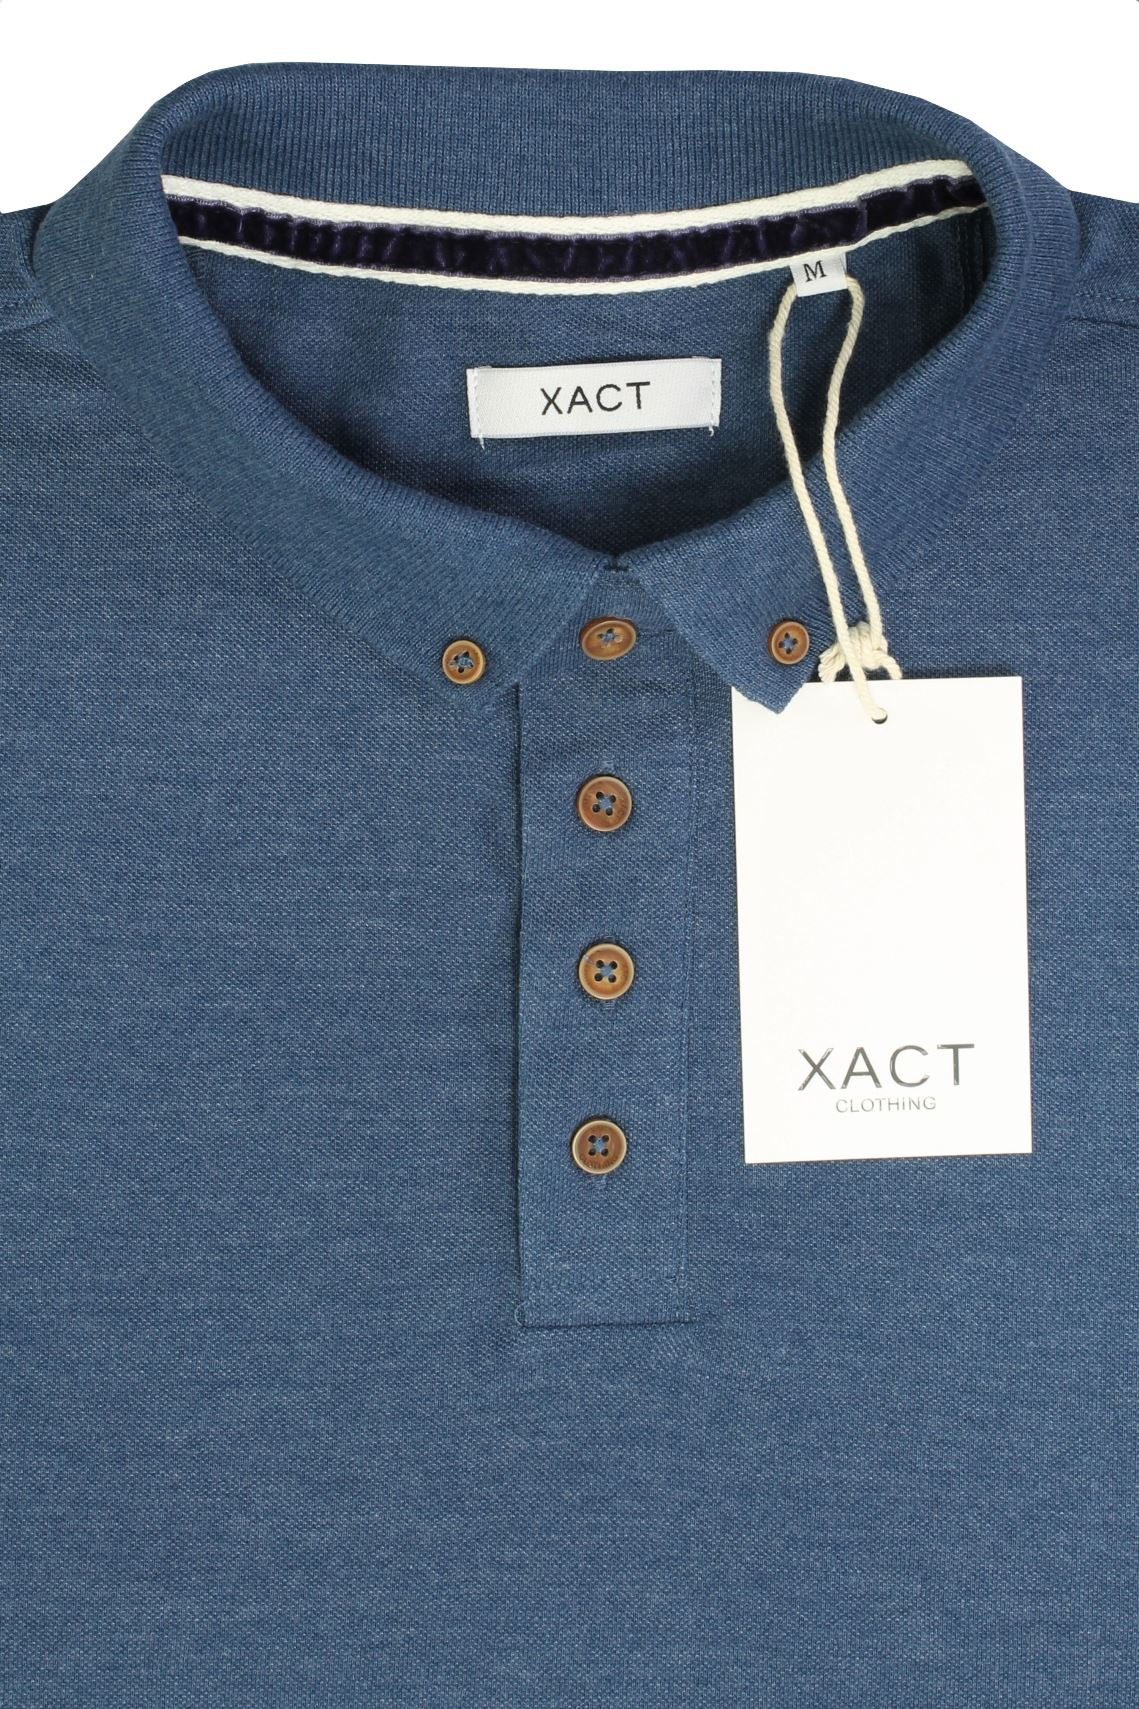 Camiseta-Polo-Para-Hombre-Por-Xact-pique-de-manga-larga miniatura 21